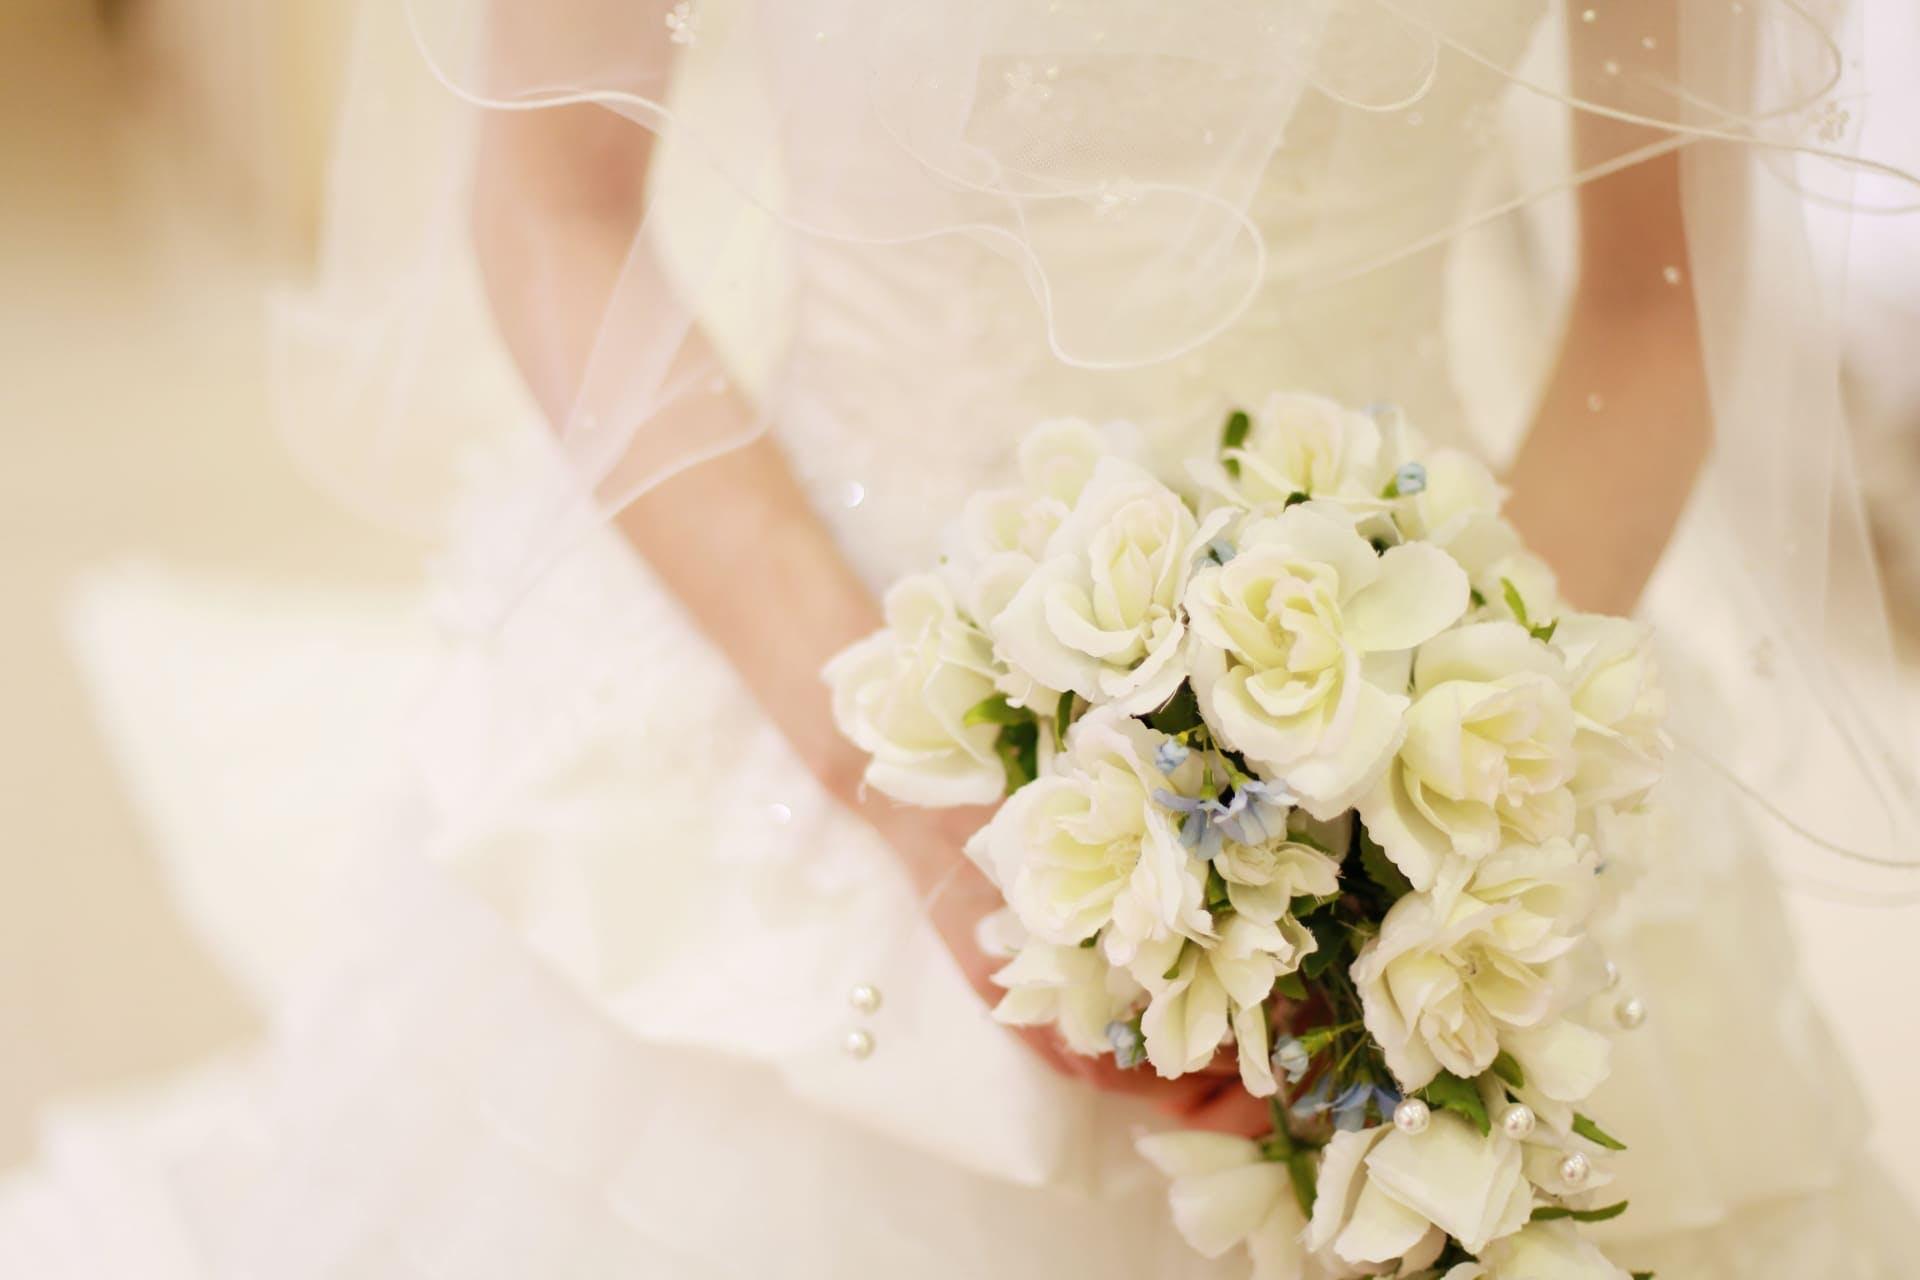 アラフォー女性は婚活の現実を見て高望みから脱却しよう